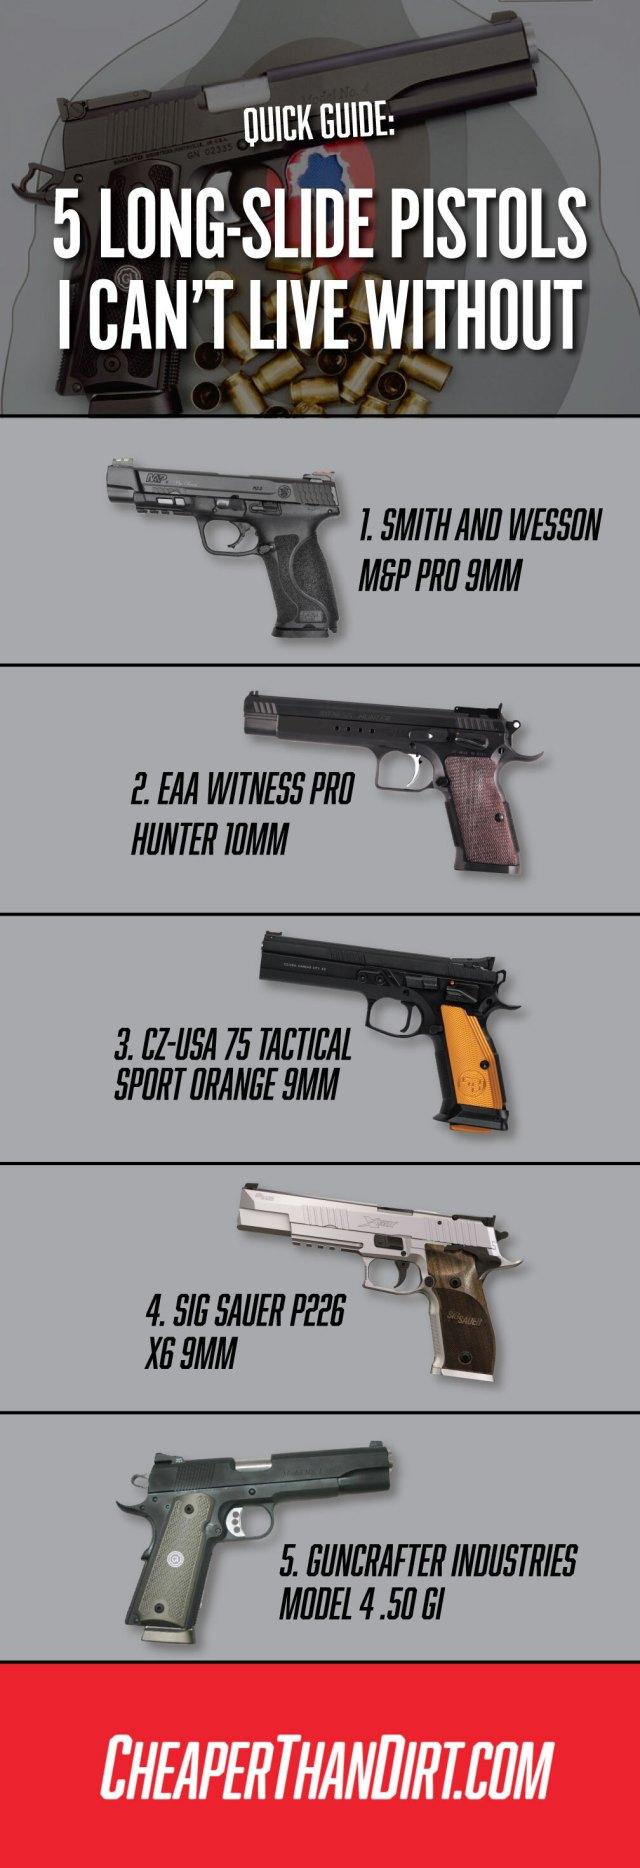 long-slide pistols